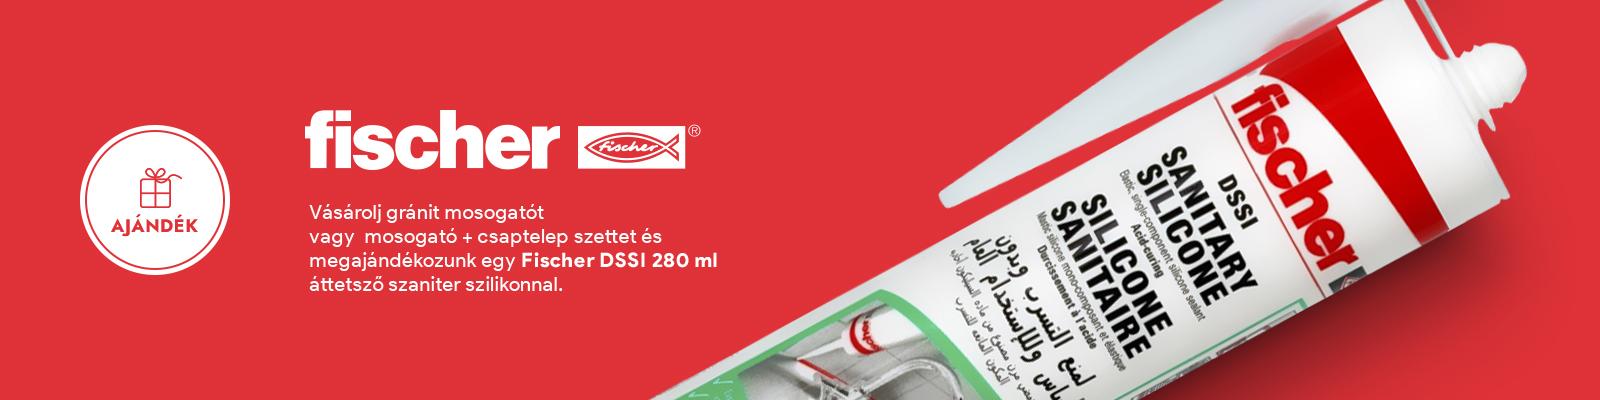 Ajándék - Fischer szaniter szilikon DSSI 280 ml áttetsző